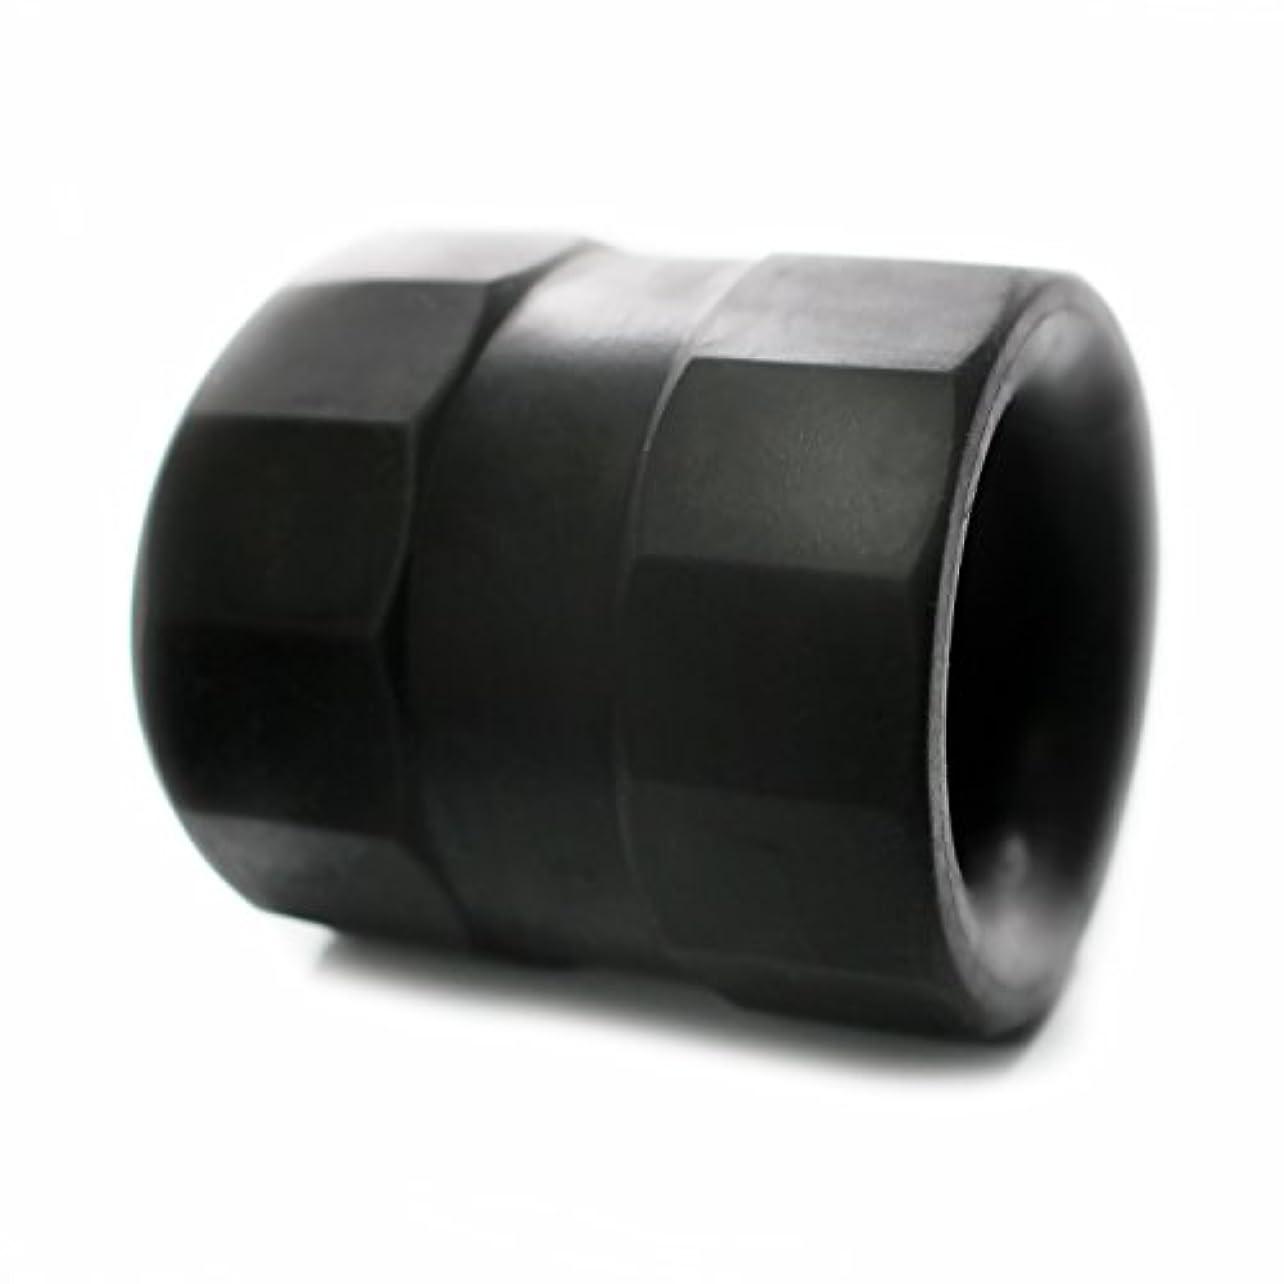 ルーム告発メタルラインスーパーボールストレッチ TPE ボールストレッチャー コックリング 129 (ブラック)